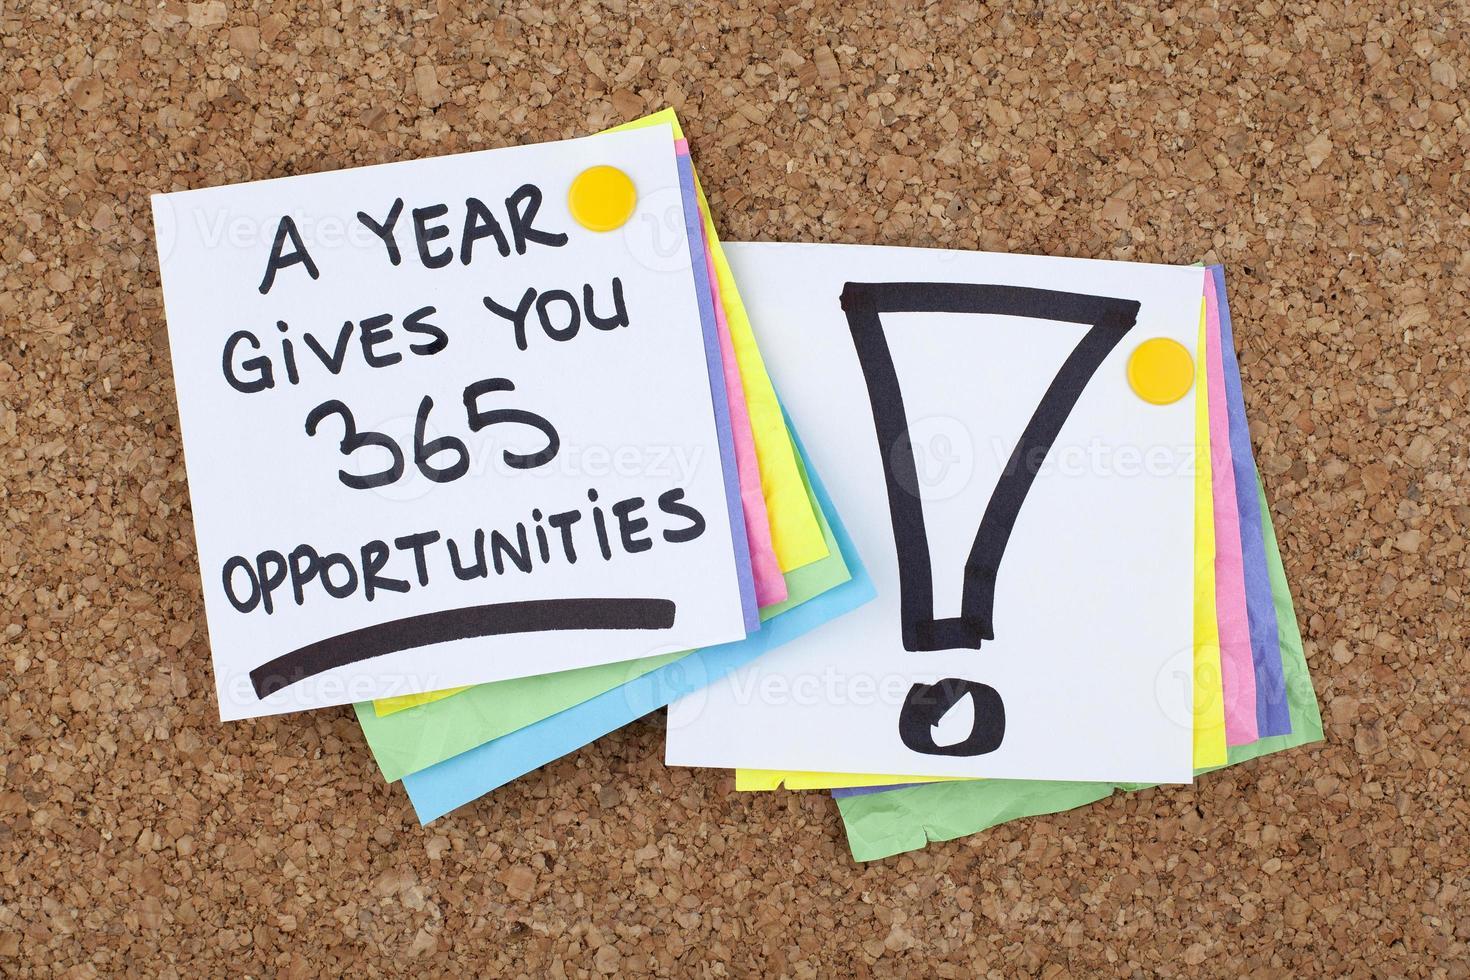 een jaar geeft je 365 kansen foto